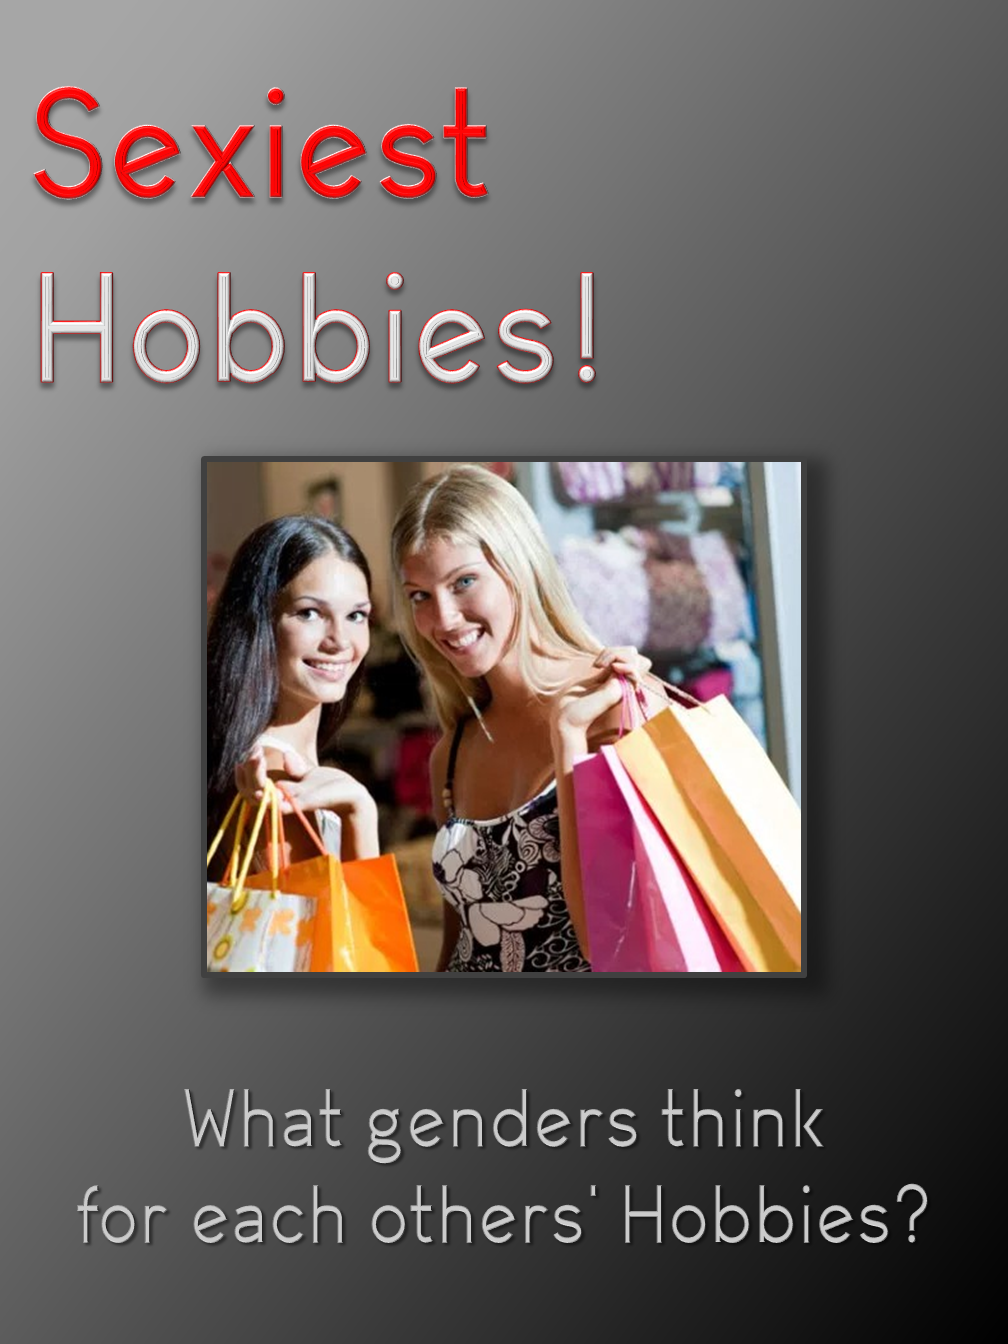 Sexiest Hobbies